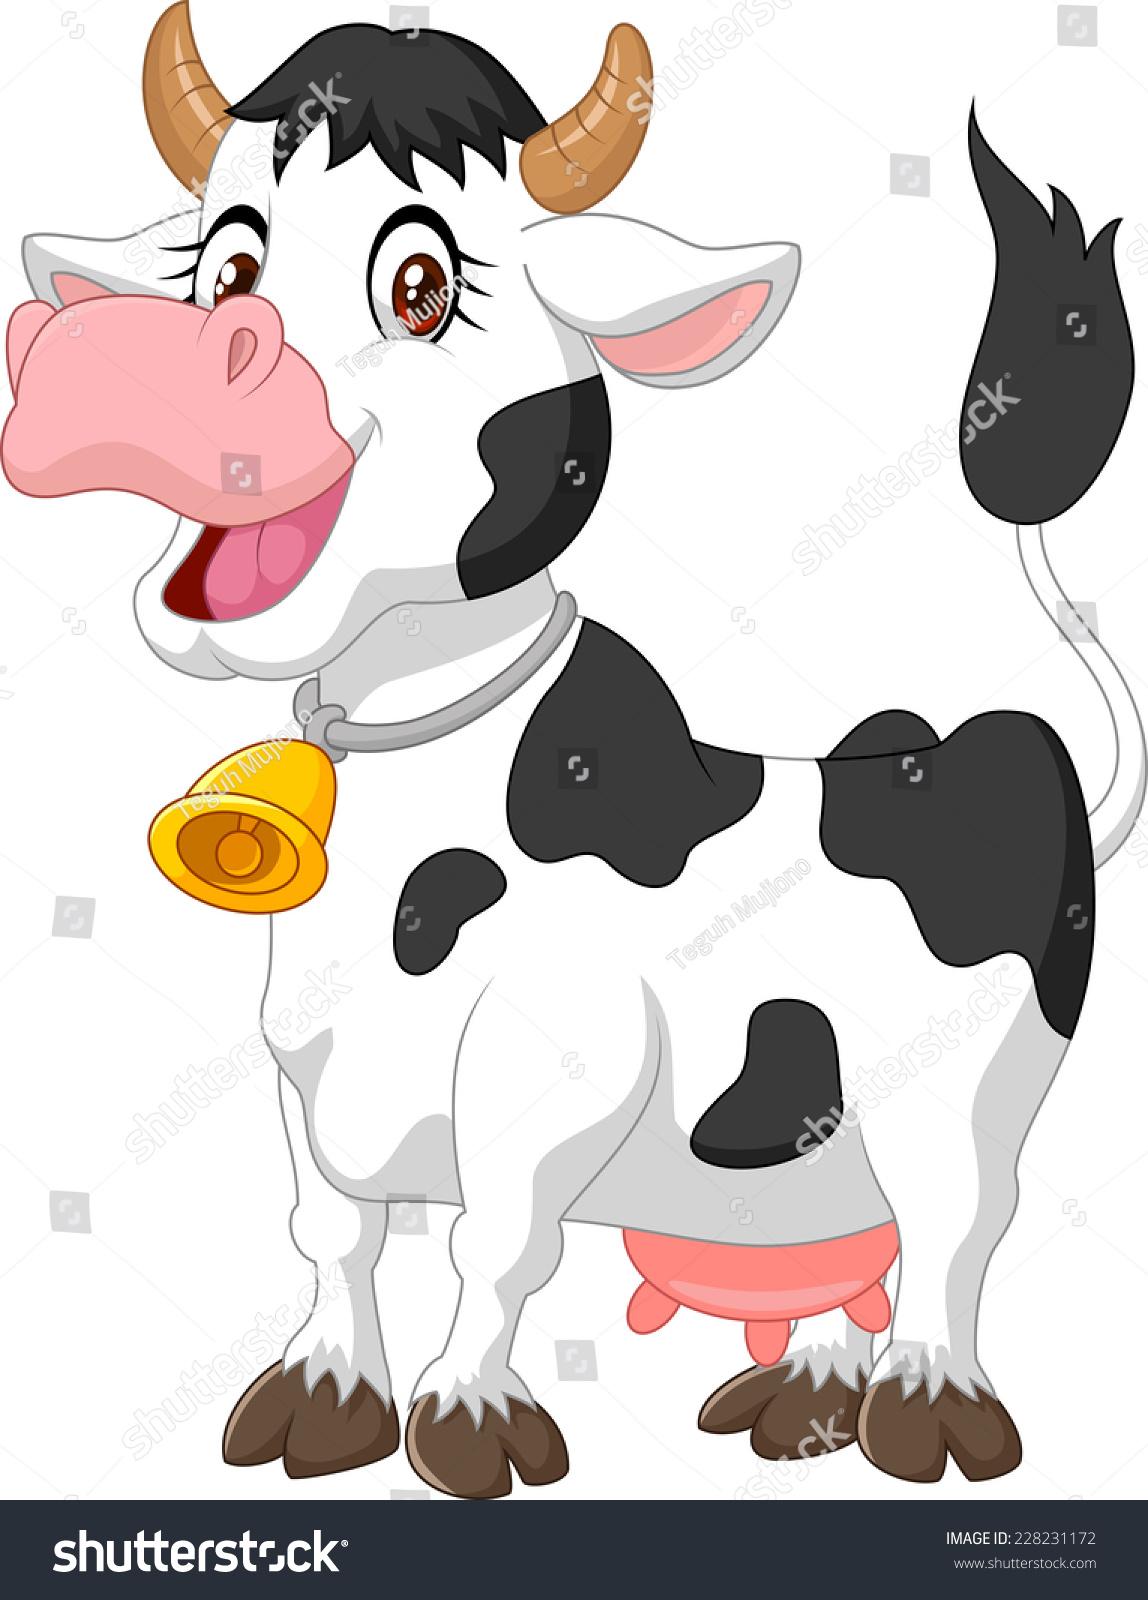 快乐的卡通牛-动物/野生生物-海洛创意(hellorf)-中国